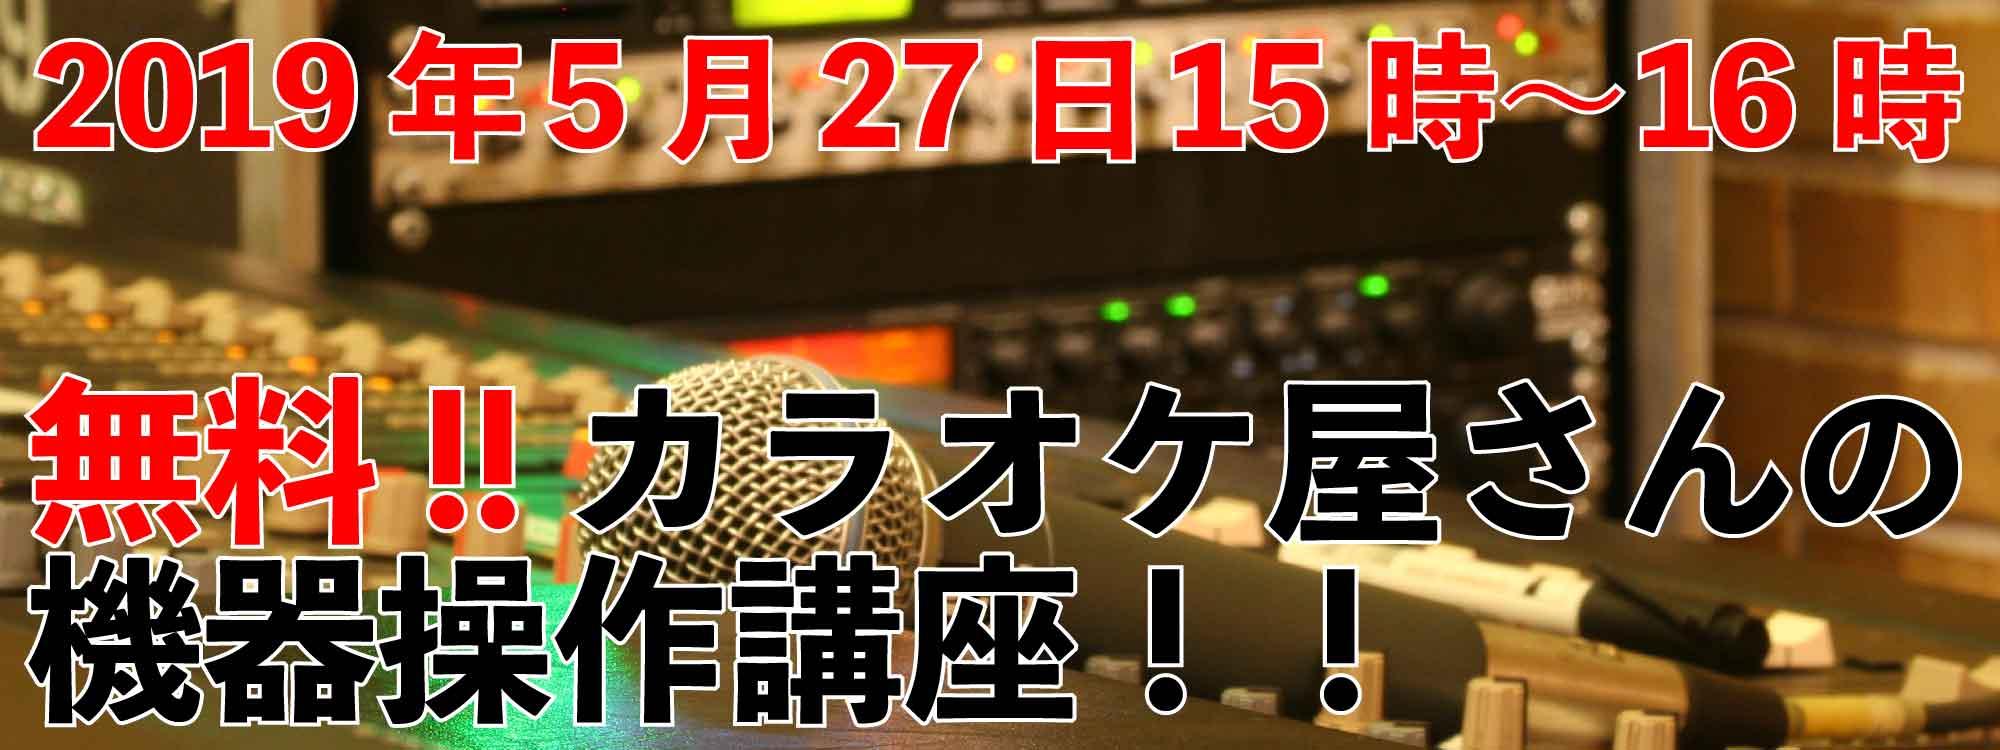 無料!!カラオケ屋さんの機器操作講座-01